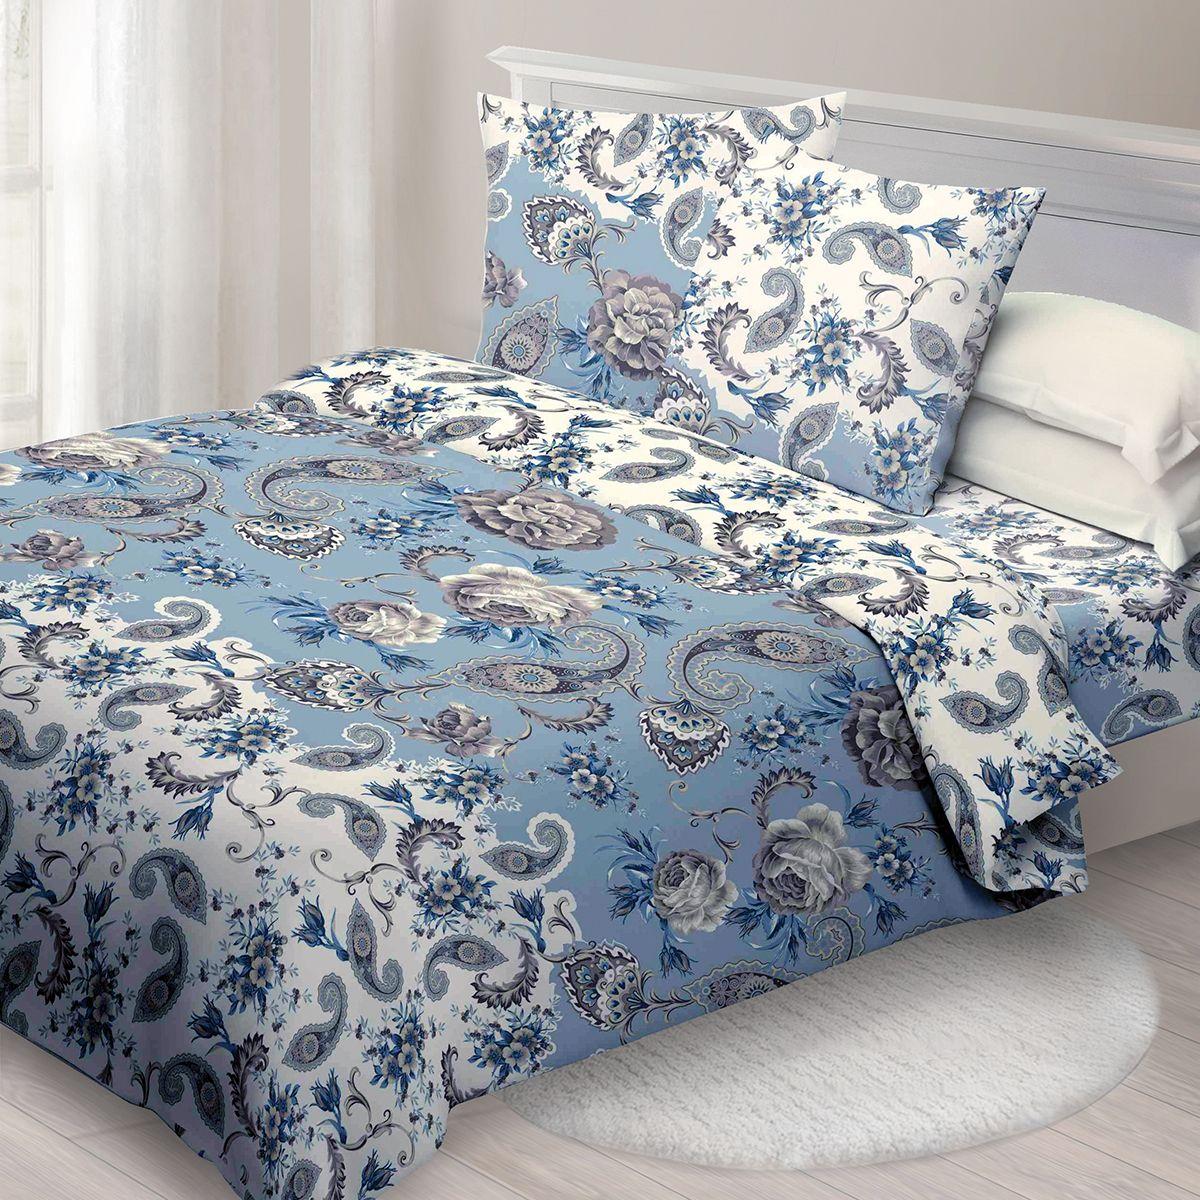 Комплект белья Спал Спалыч Дивин, 2-спальное, наволочки 70x70, цвет: голубой88061Спал Спалыч - недорогое, но качественное постельное белье из белорусской бязи. Актуальные дизайны, авторская упаковка в сочетании с качественными материалами и приемлемой ценой - залог успеха Спал Спалыча! В ассортименте широкая линейка домашнего текстиля для всей семьи - современные дизайны современному покупателю! Ткань обработана по технологии PERFECT WAY - благодаря чему, она становится более гладкой и шелковистой. • Бязь Барановичи 100% хлопок • Плотность ткани - 125 гр/кв.м.